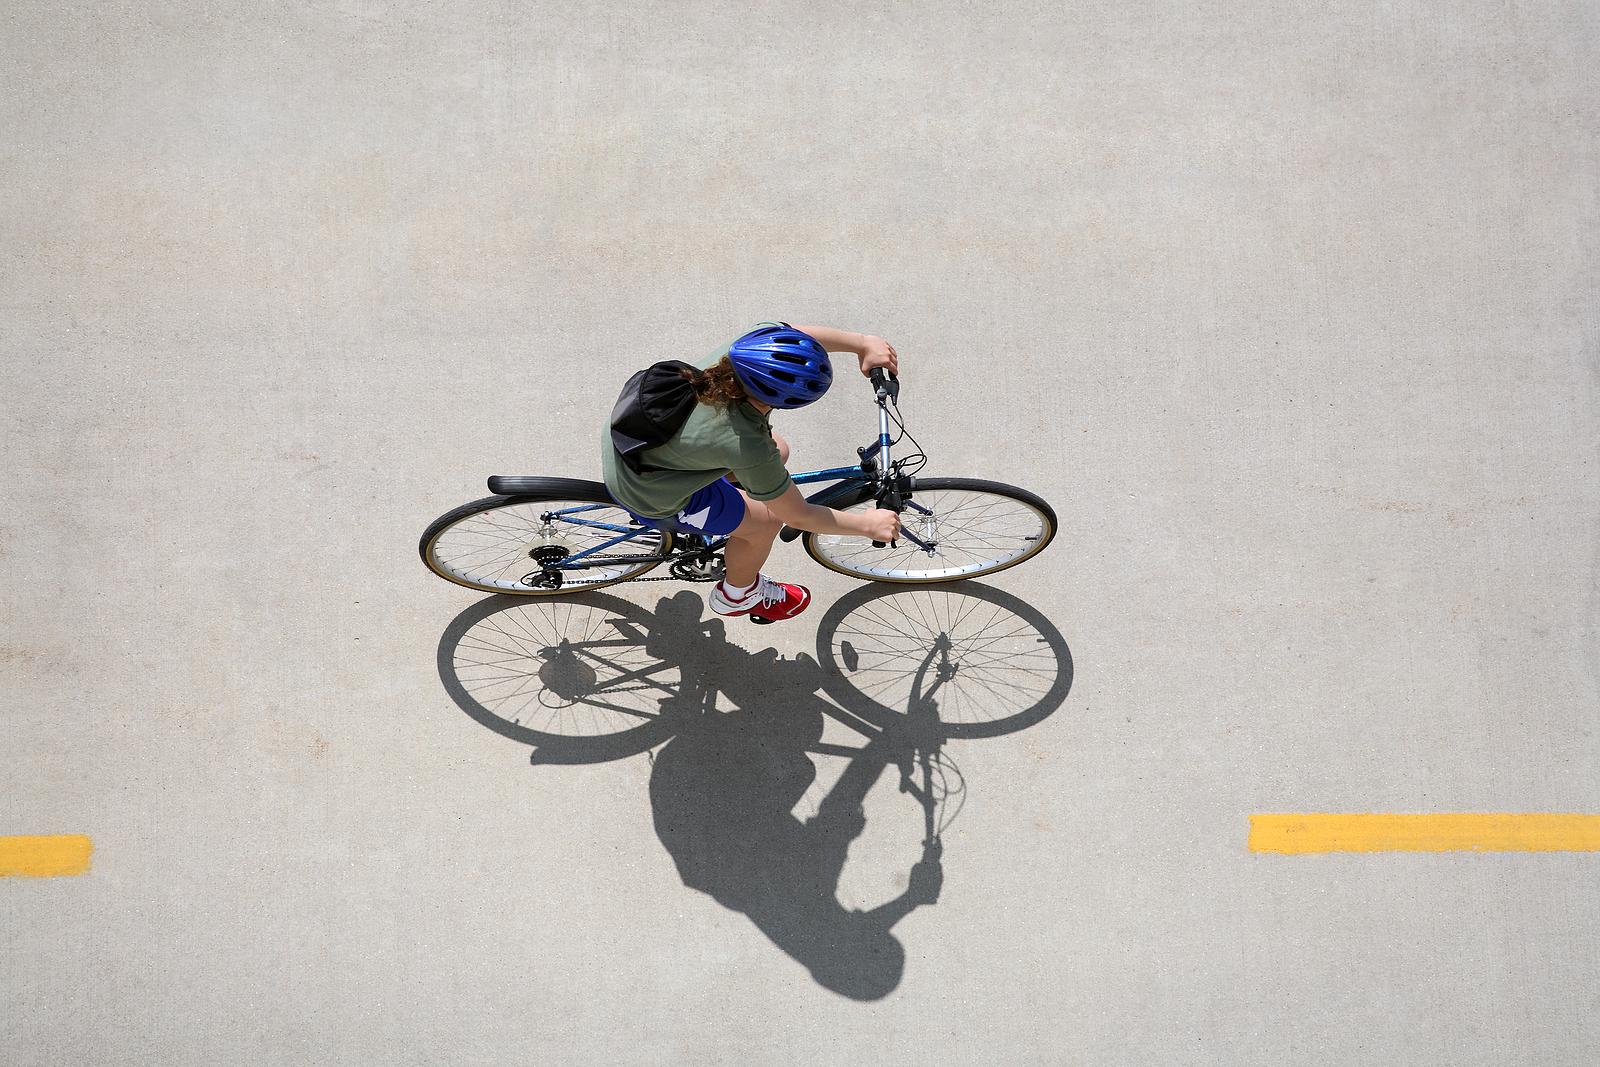 Bicicleta ganha destaque como alternativa dentro da mobilidade urbana